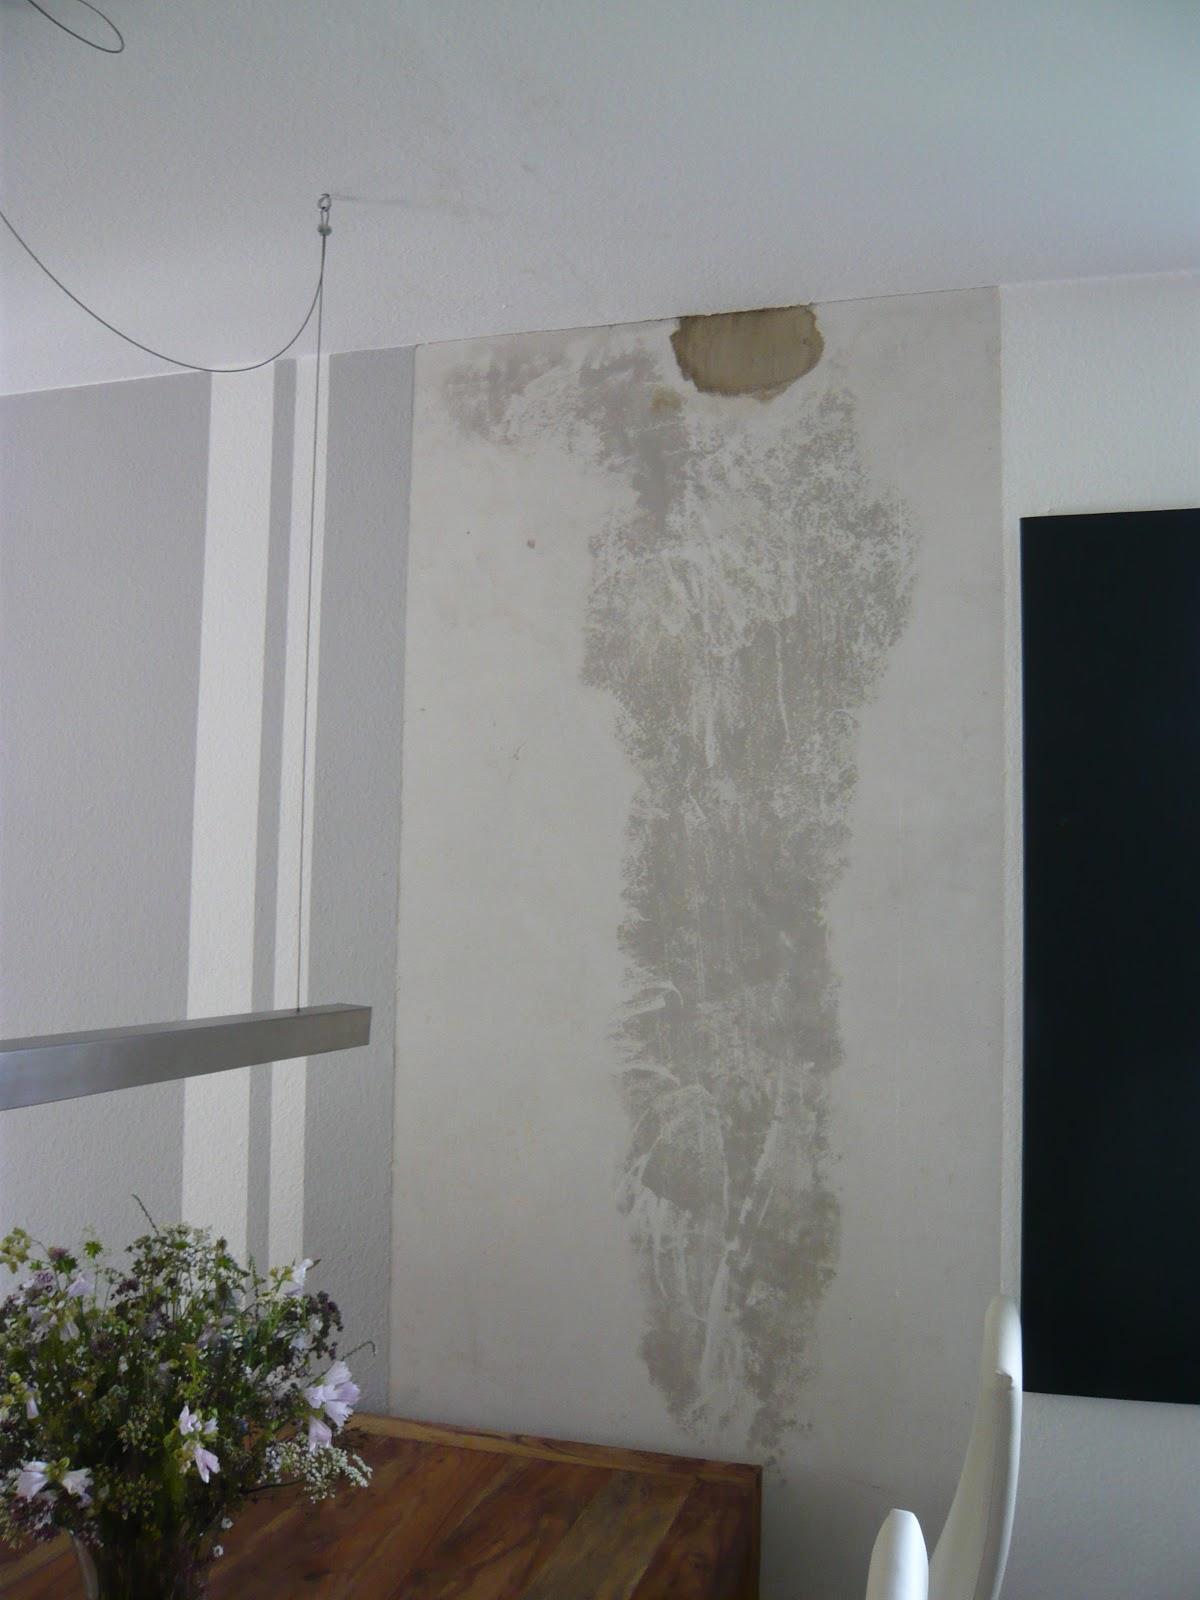 feuchtigkeit in der wand feuchtigkeit in der wand w nde. Black Bedroom Furniture Sets. Home Design Ideas